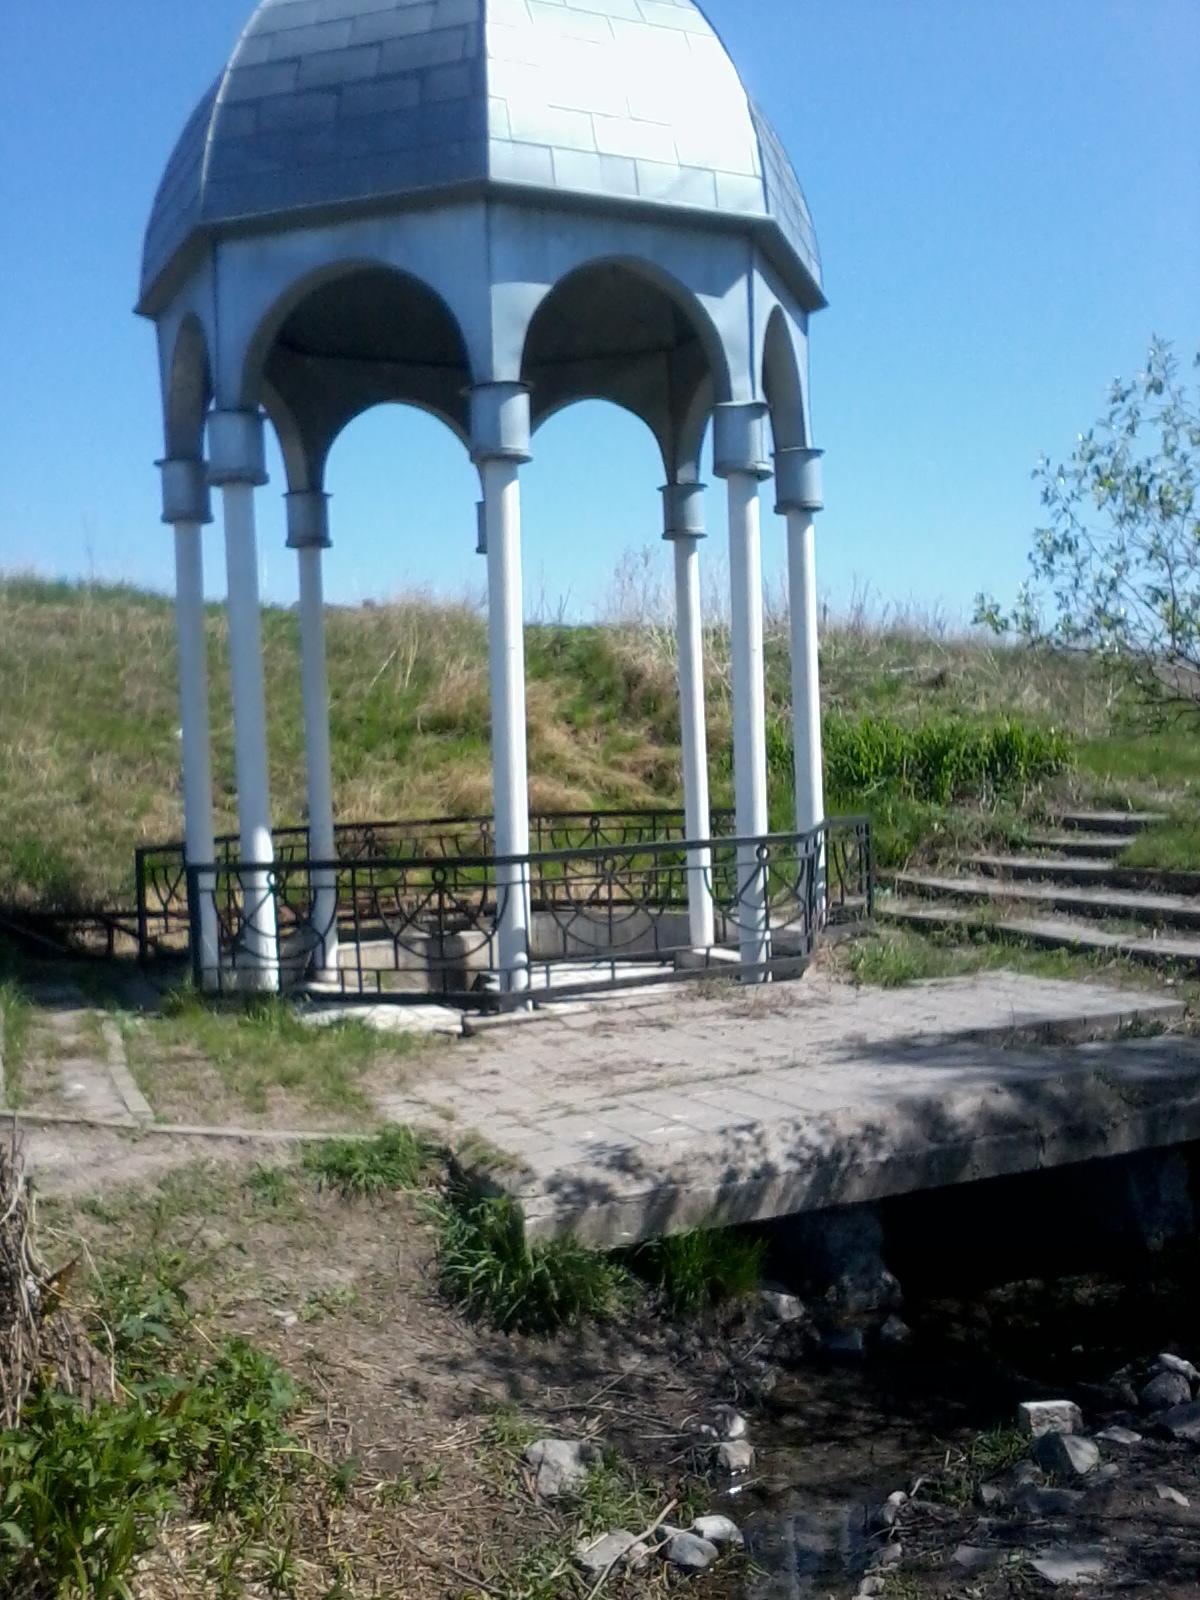 Раньше здесь было хорошее, благоустроенное место для отдыха с чистой водой в родике